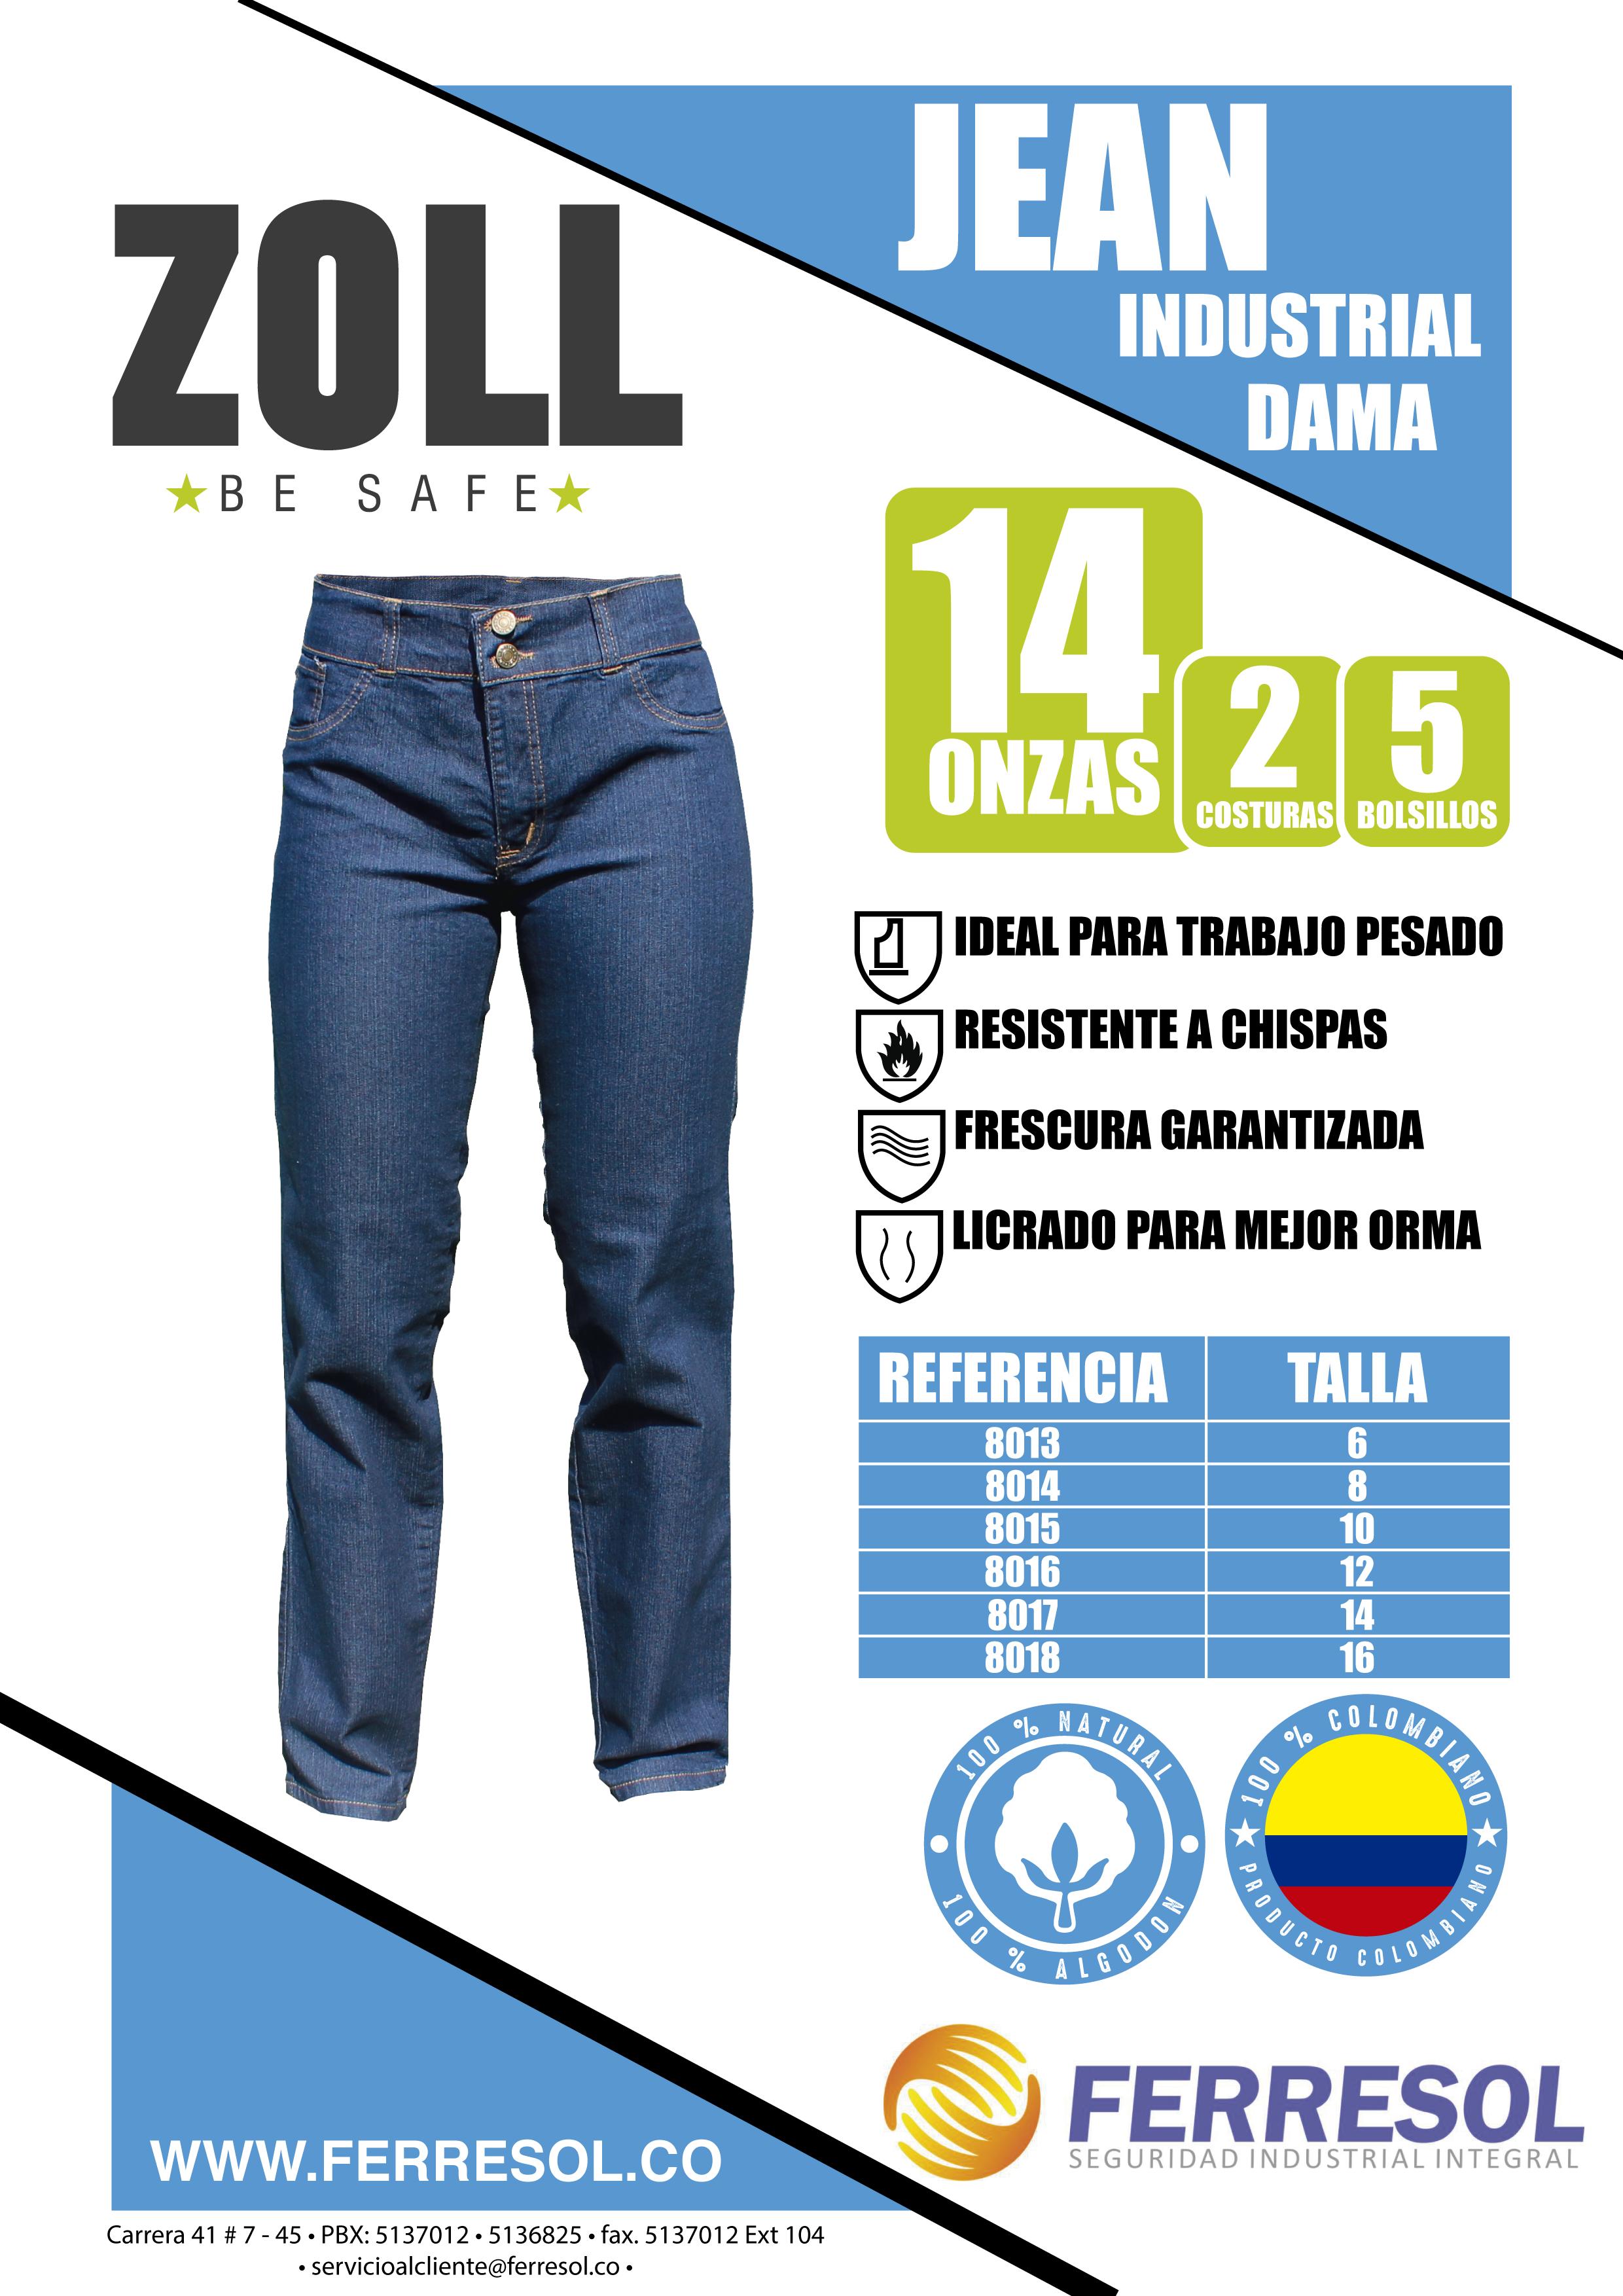 JEAN DAMA BARATO CALI COLOMBIA ESTAM